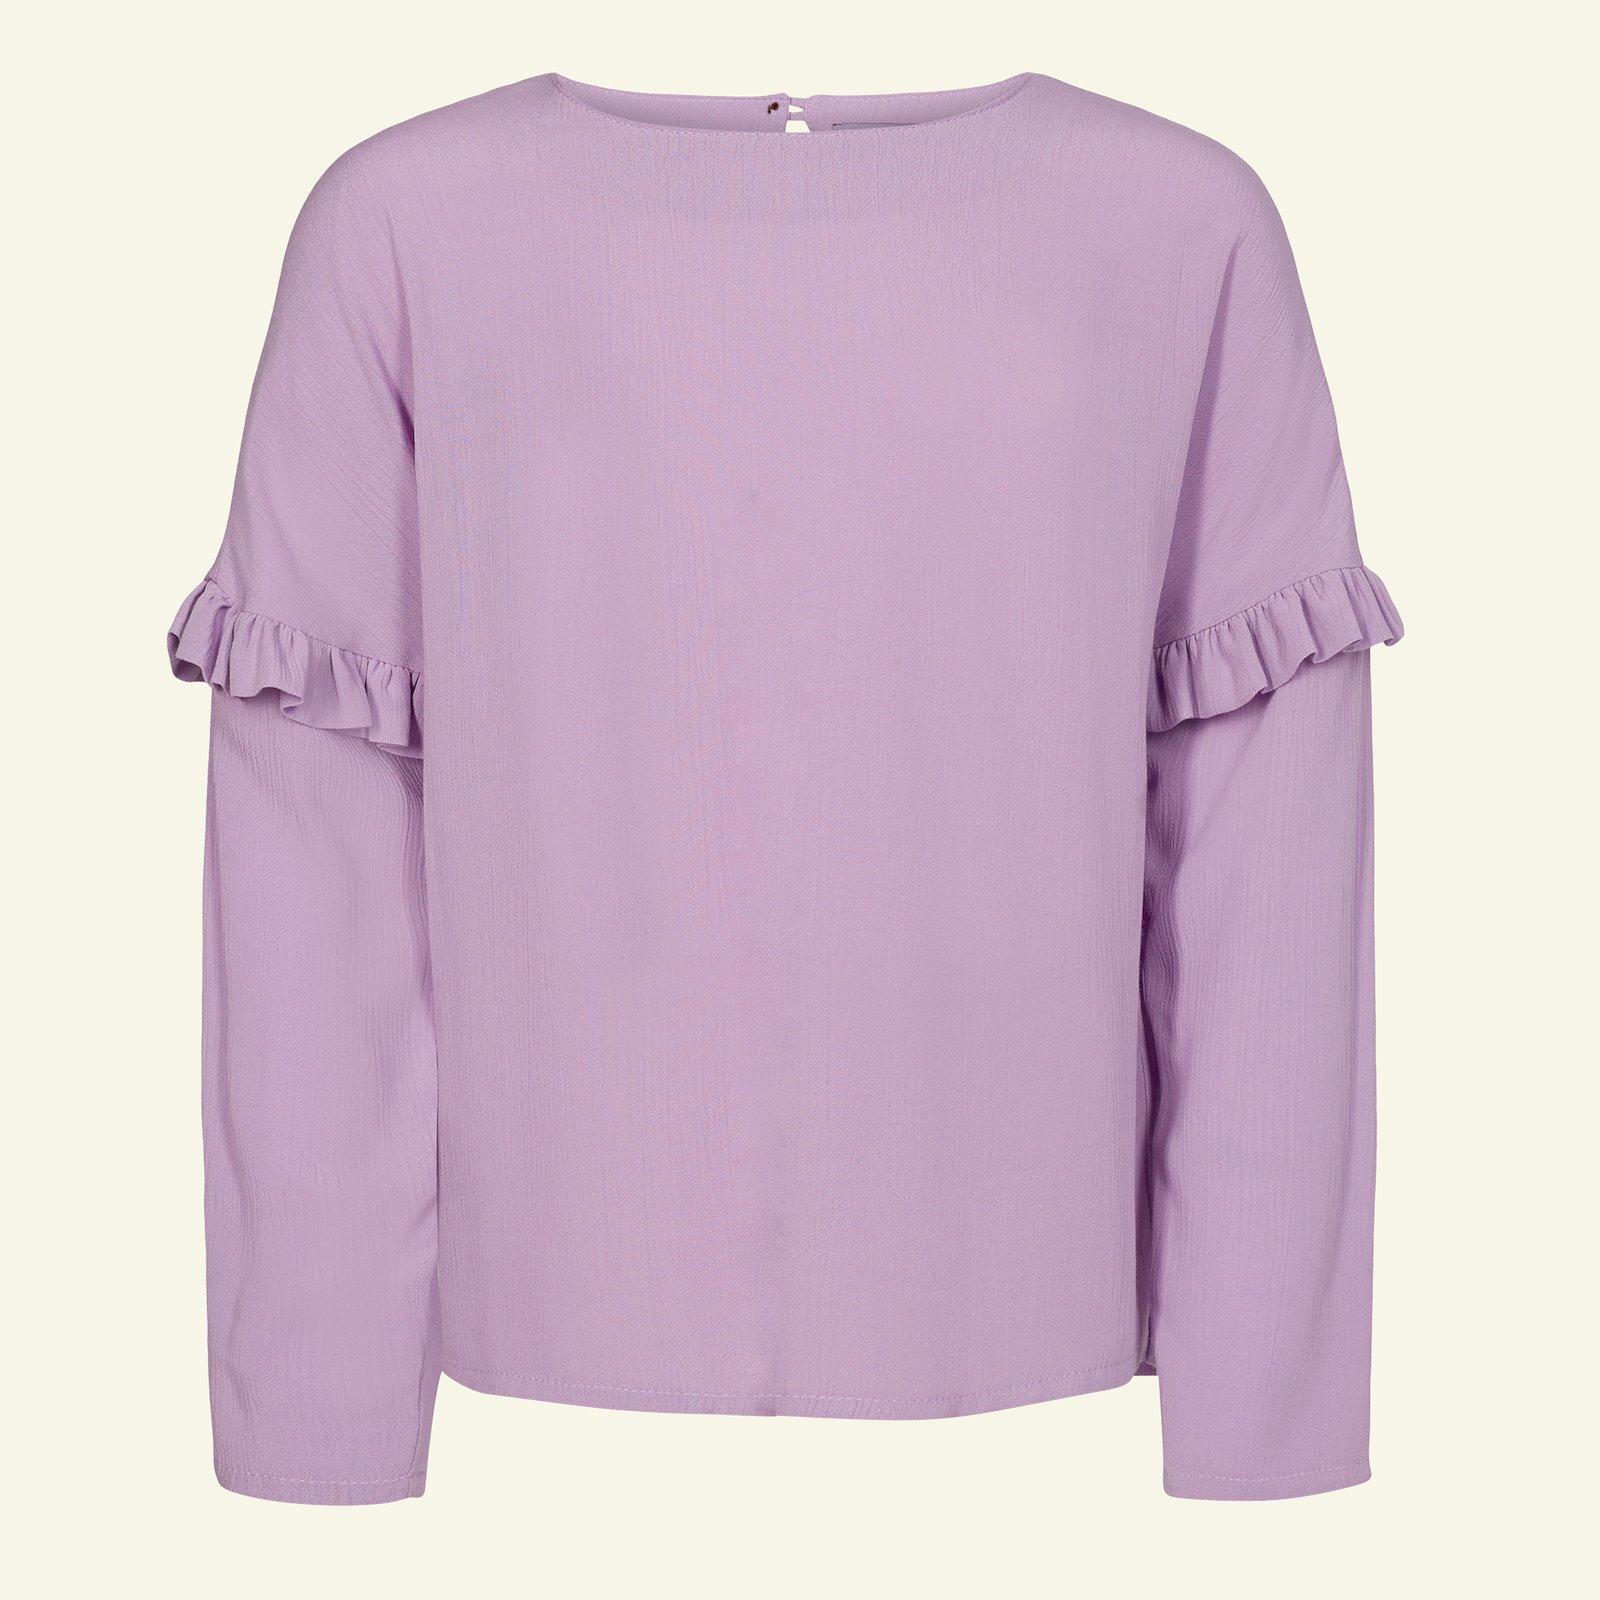 Woven crepe viscose bright lavender p62019_730000_sskit